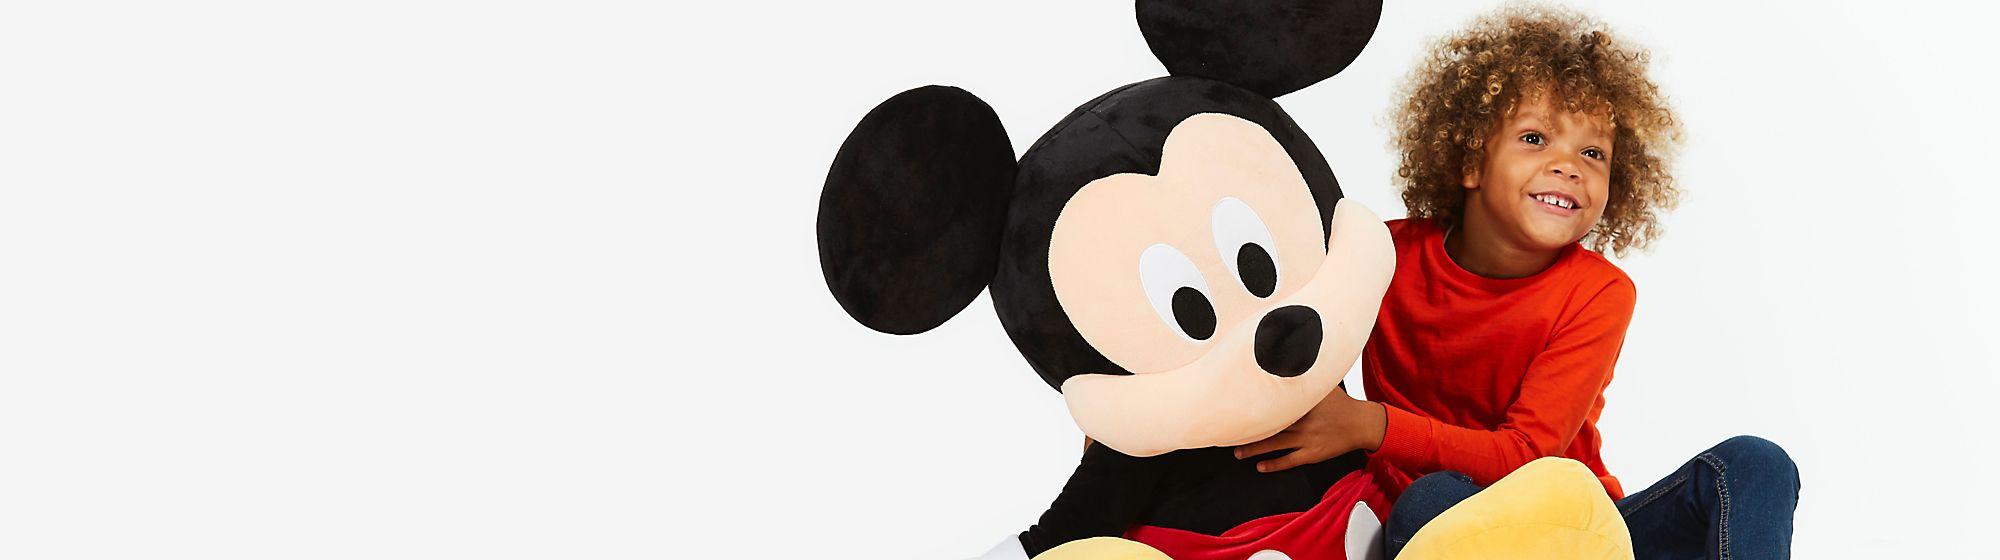 Produits Disney Disney est un monde magique qui plaît à la fois aux petits et aux grands ! Avec tous ses univers, il fait le bonheur de chacun. DÉCOUVRIR NOS FILMS